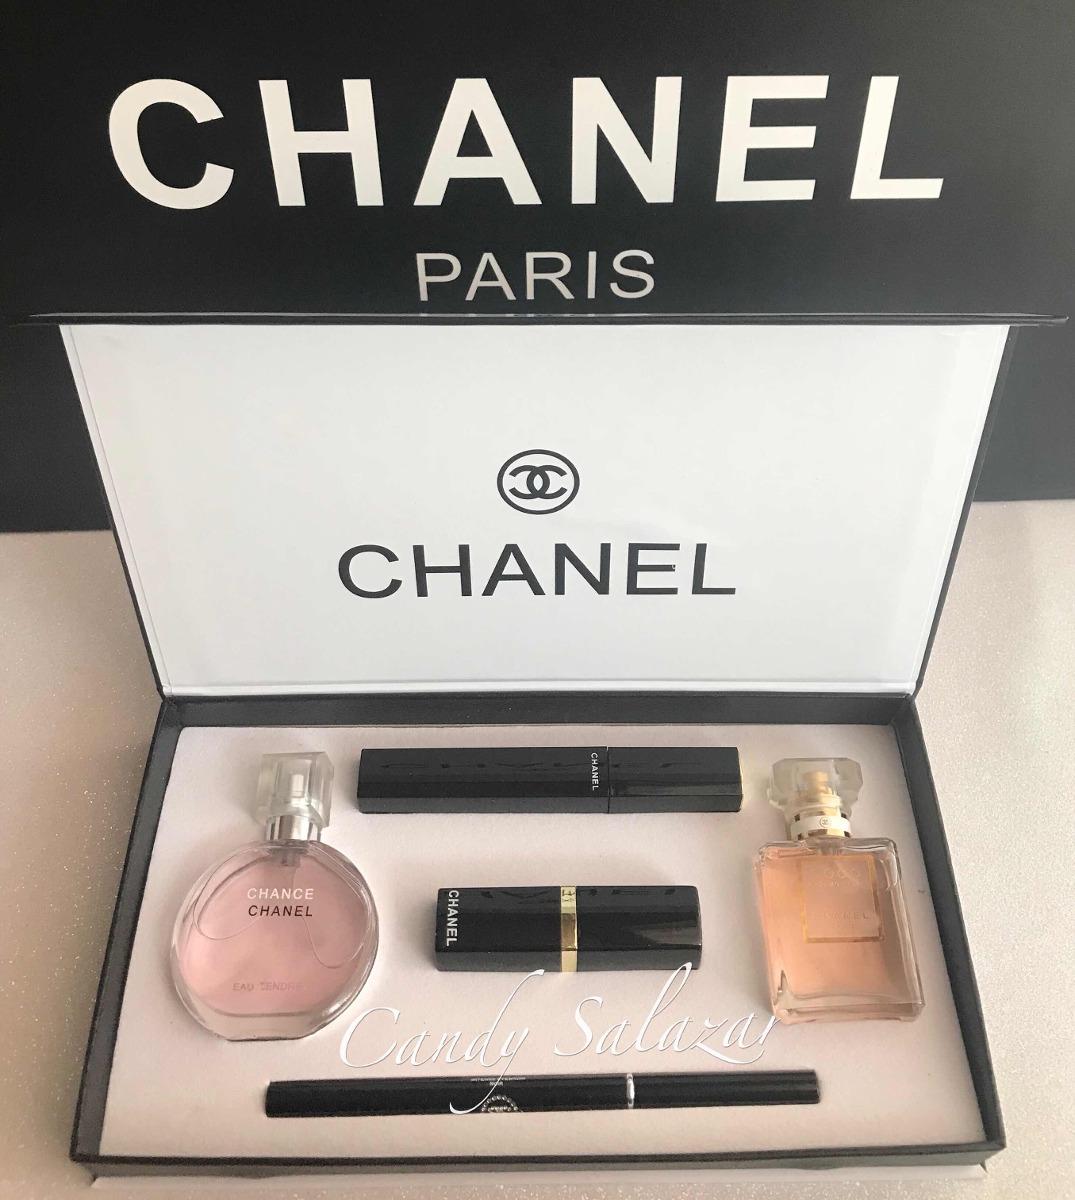 ea3a4c3c0 Estuche Chanel - $ 1,600.00 en Mercado Libre